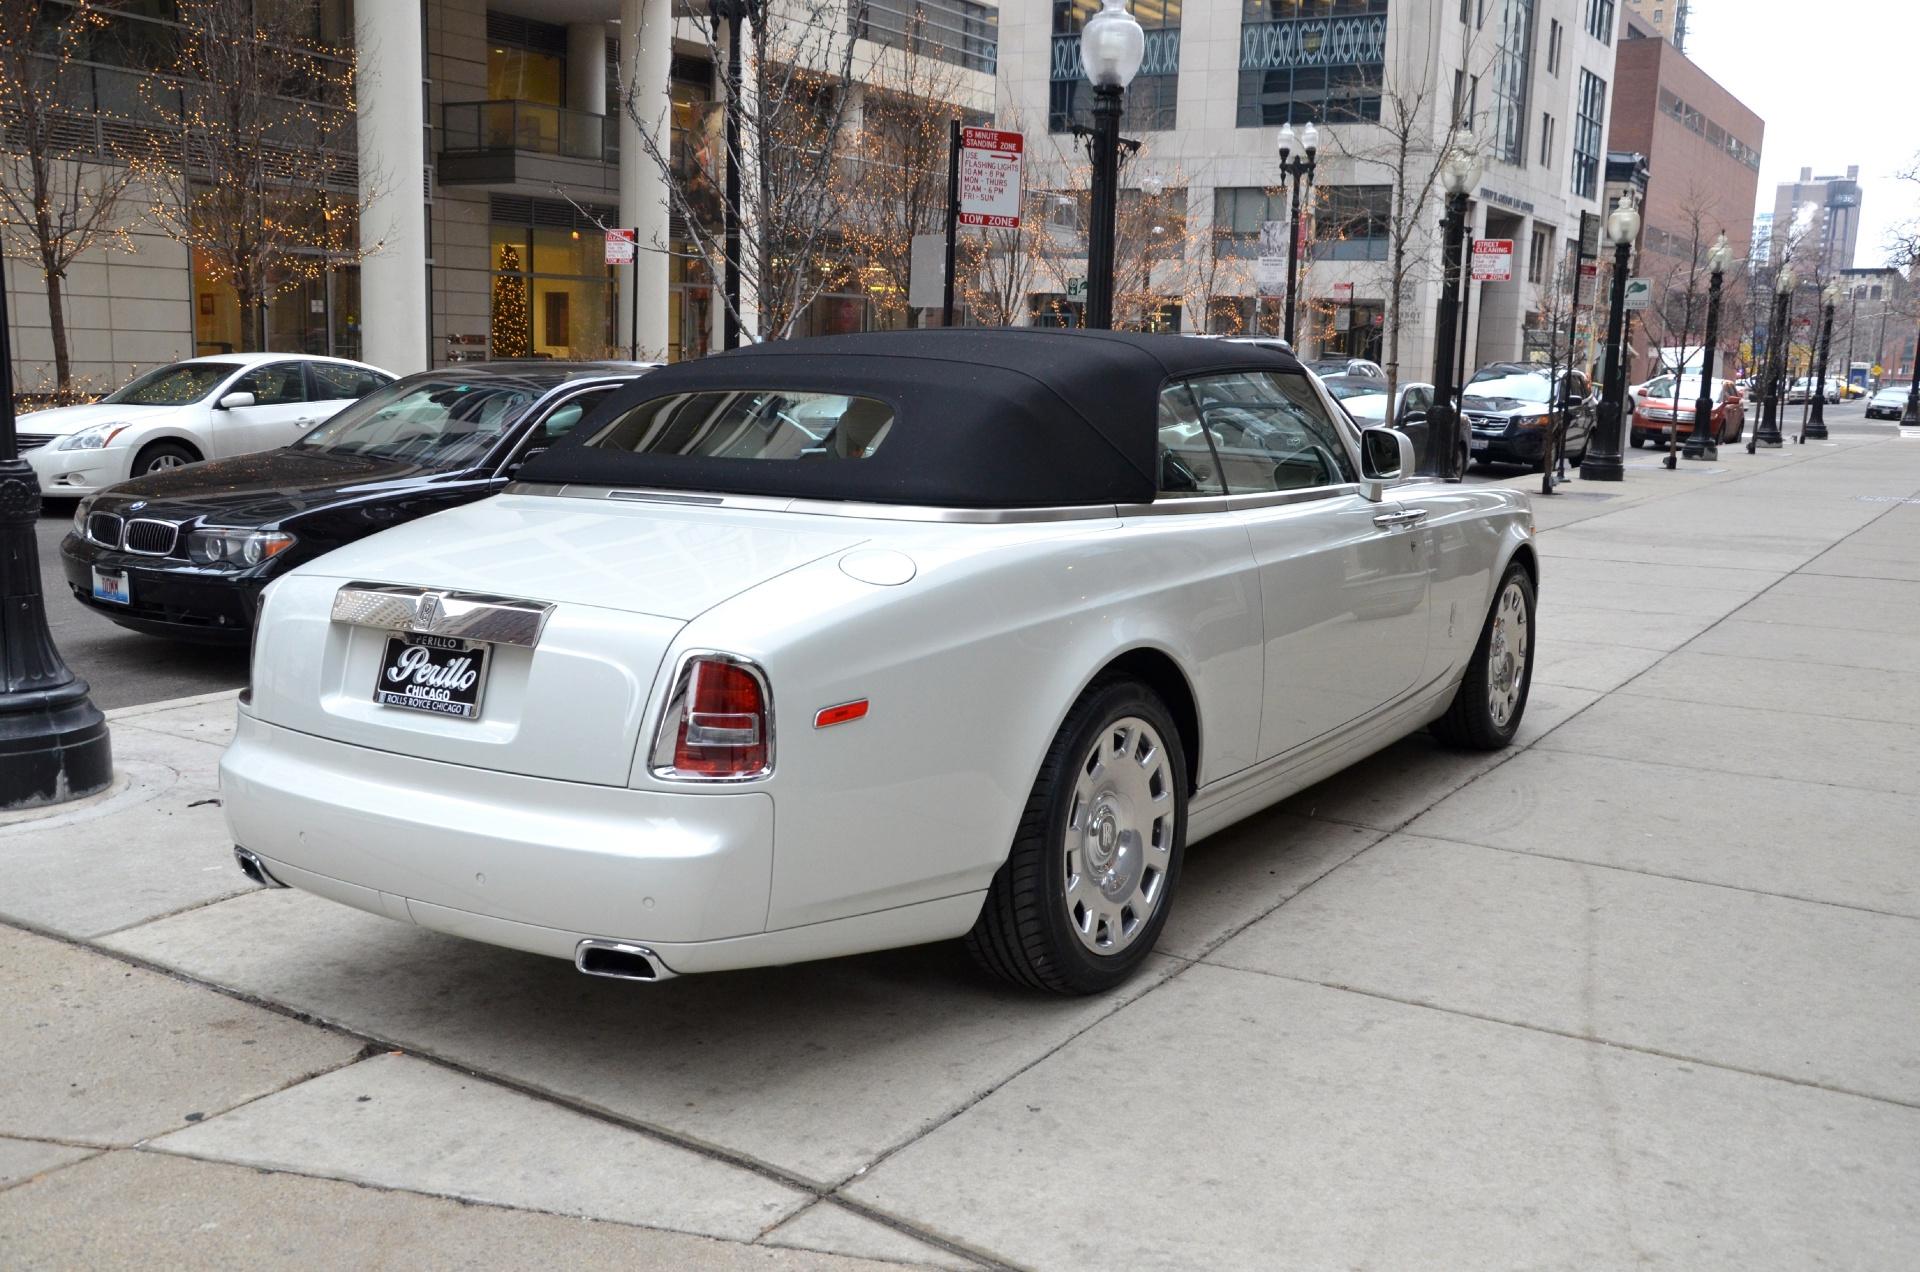 2013 rolls royce phantom drophead coupe stock gc1609 s - Rolls royce phantom drophead coupe for sale ...